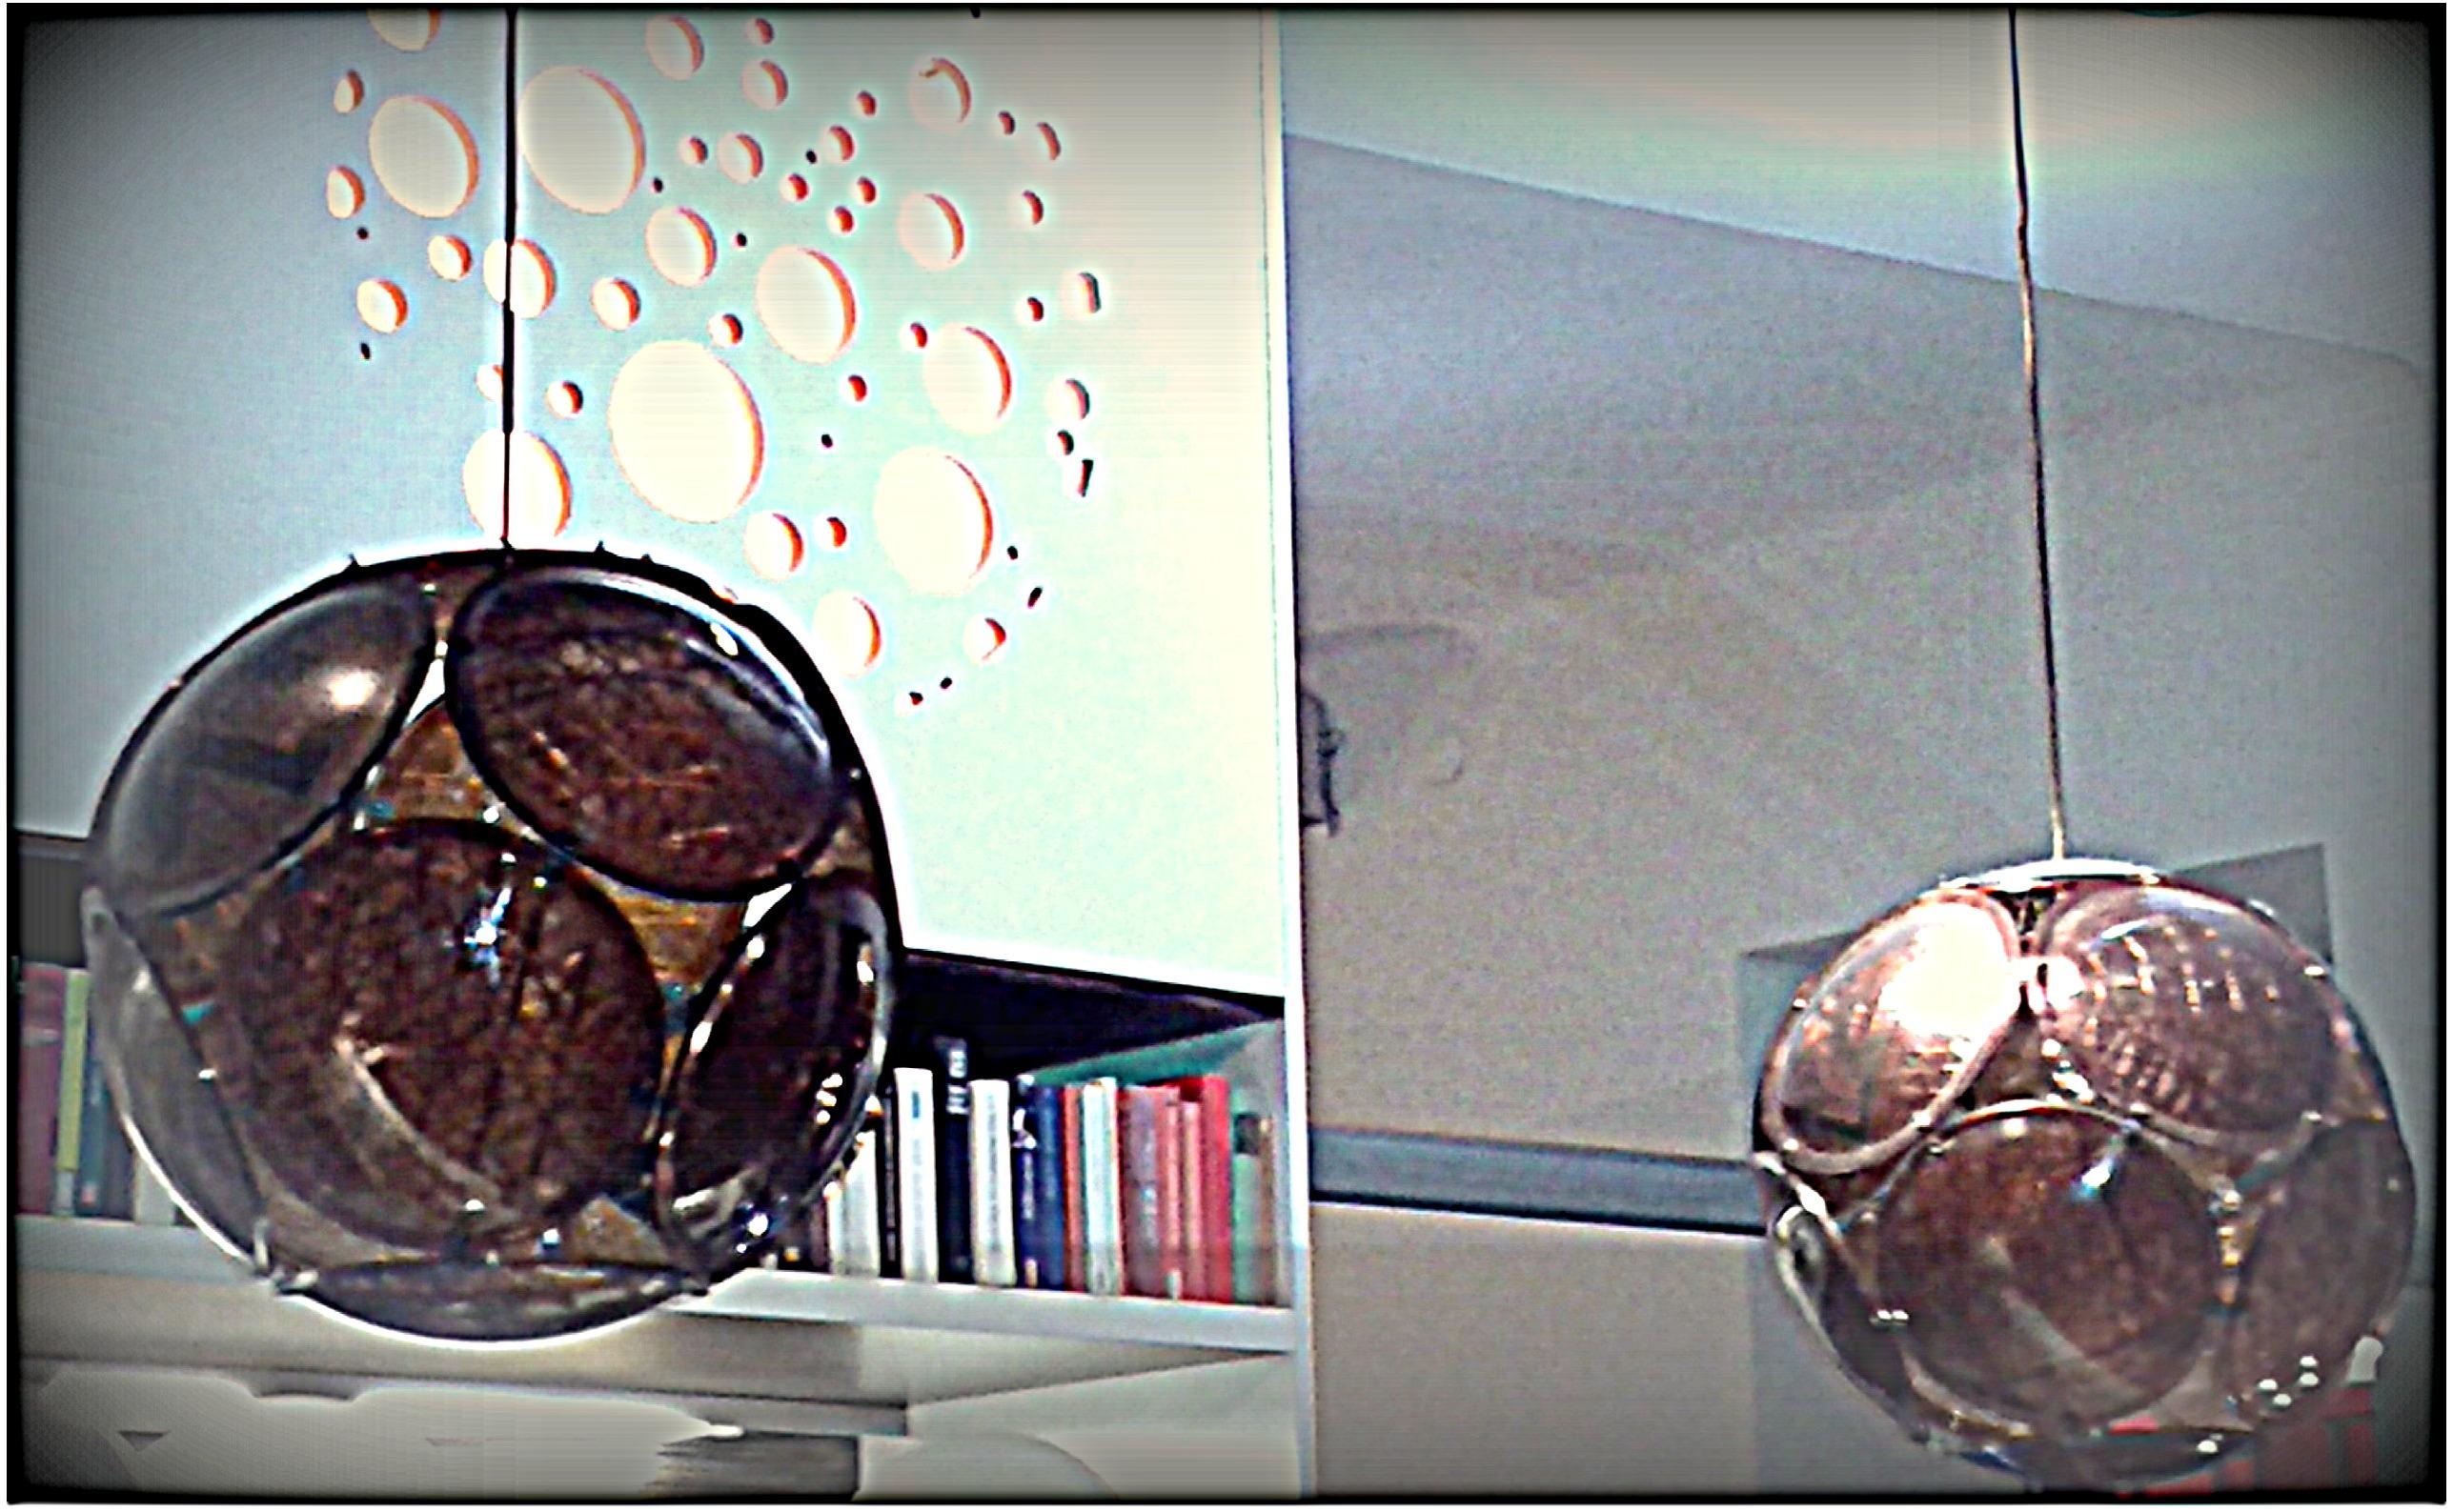 Ambiente: Schon Schön. Lampen: gabarage. Gemeinsam: IdeenReich!